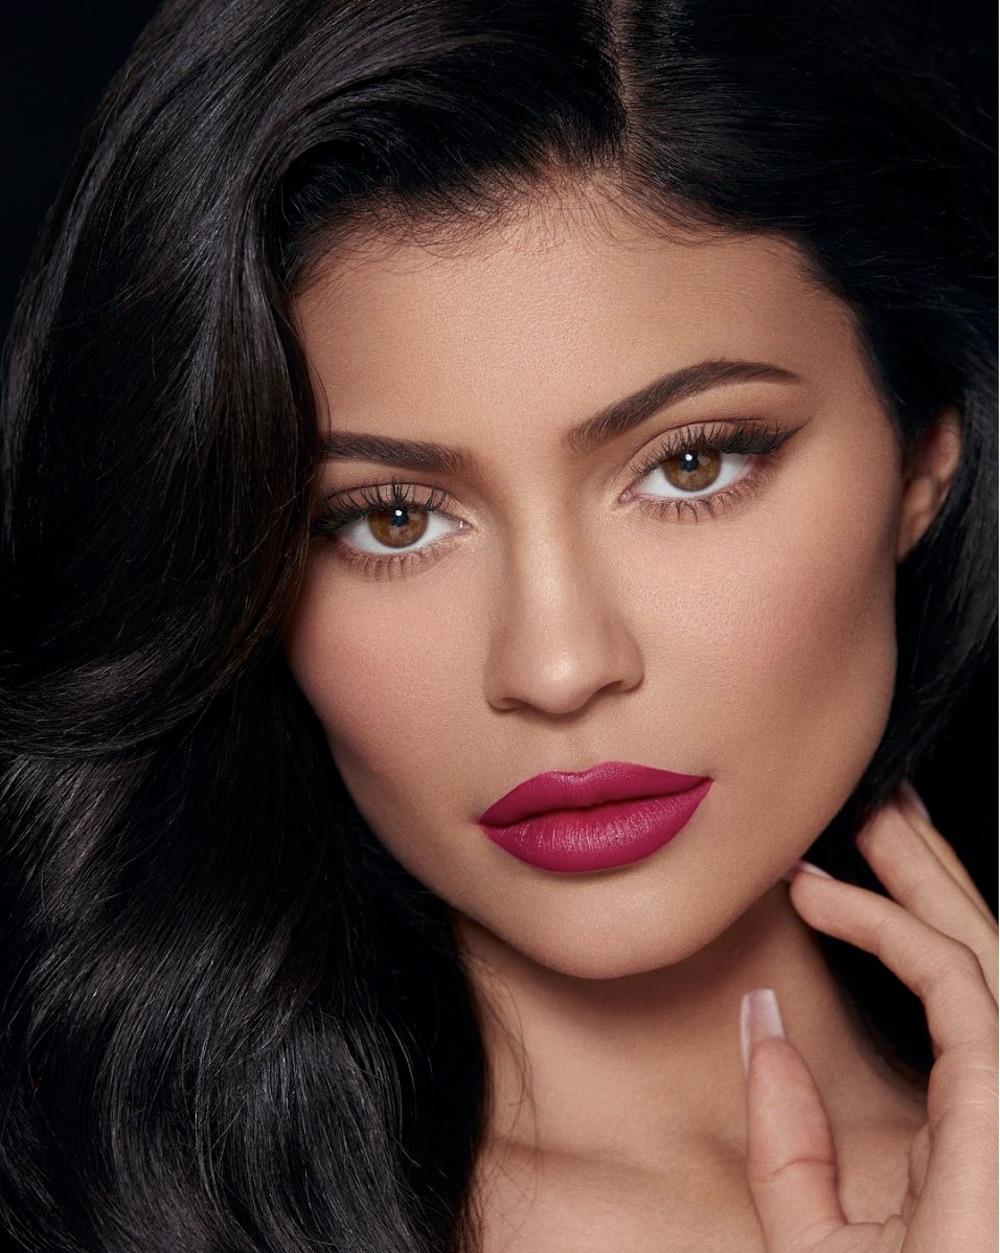 21歳でビリオネアを達成したカイリー・ジェンナー(画像は『Kylie 2019年3月11日付Instagram「Sprinkle Velvet Lip available now on KylieCosmetics.com and in store at @ultabeauty」』のスクリーンショット)